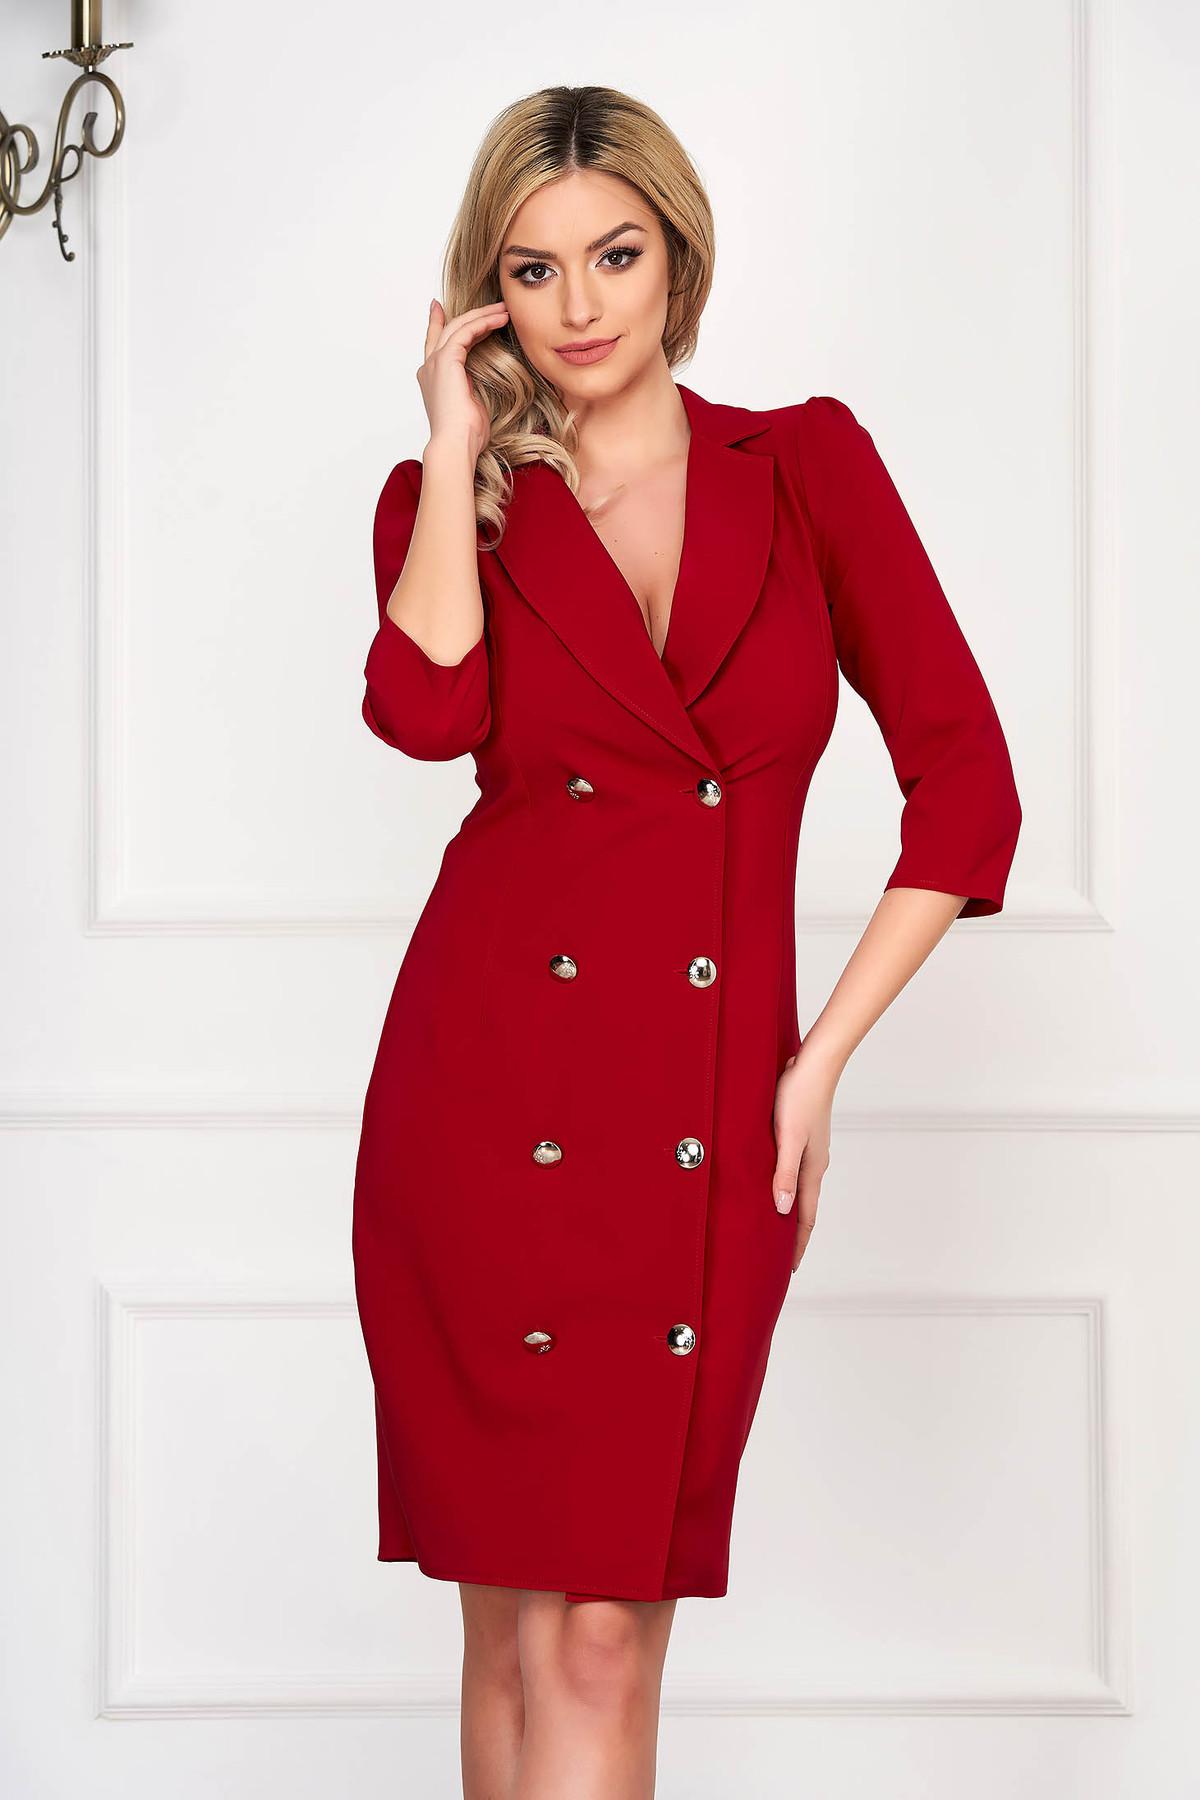 Rochie Artista rosie eleganta petrecuta tip sacou din stofa usor elastica accesorizata cu nasturi Artista